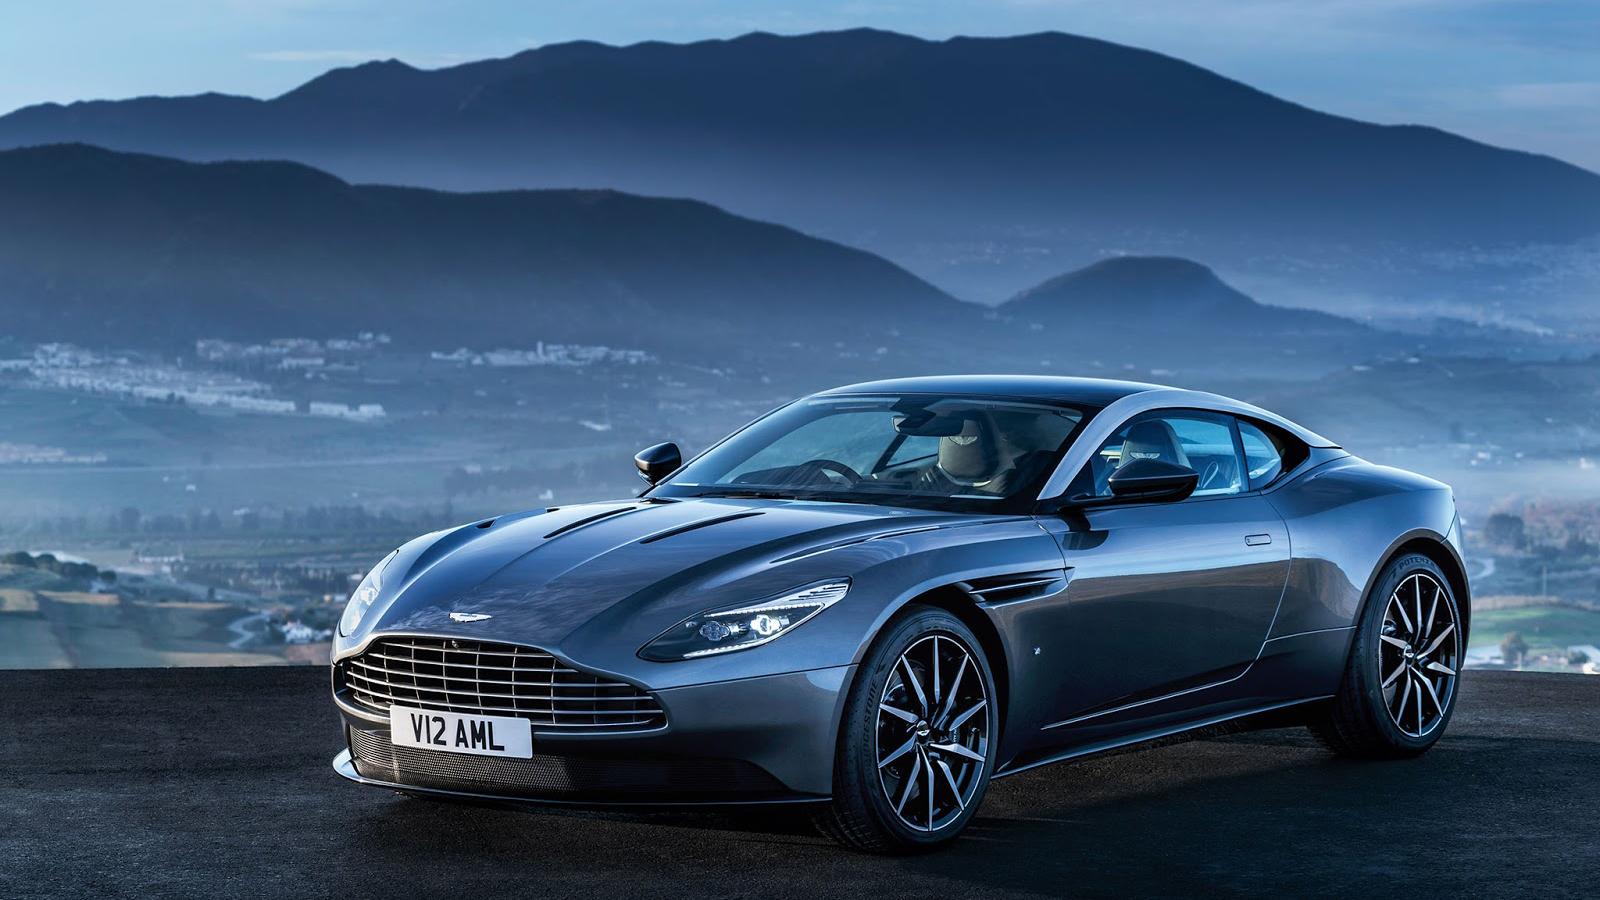 Genf 2016 Der Aston Martin Db11 In Voller Pracht Myauto24 Das Autoblog Im Internet Myauto24